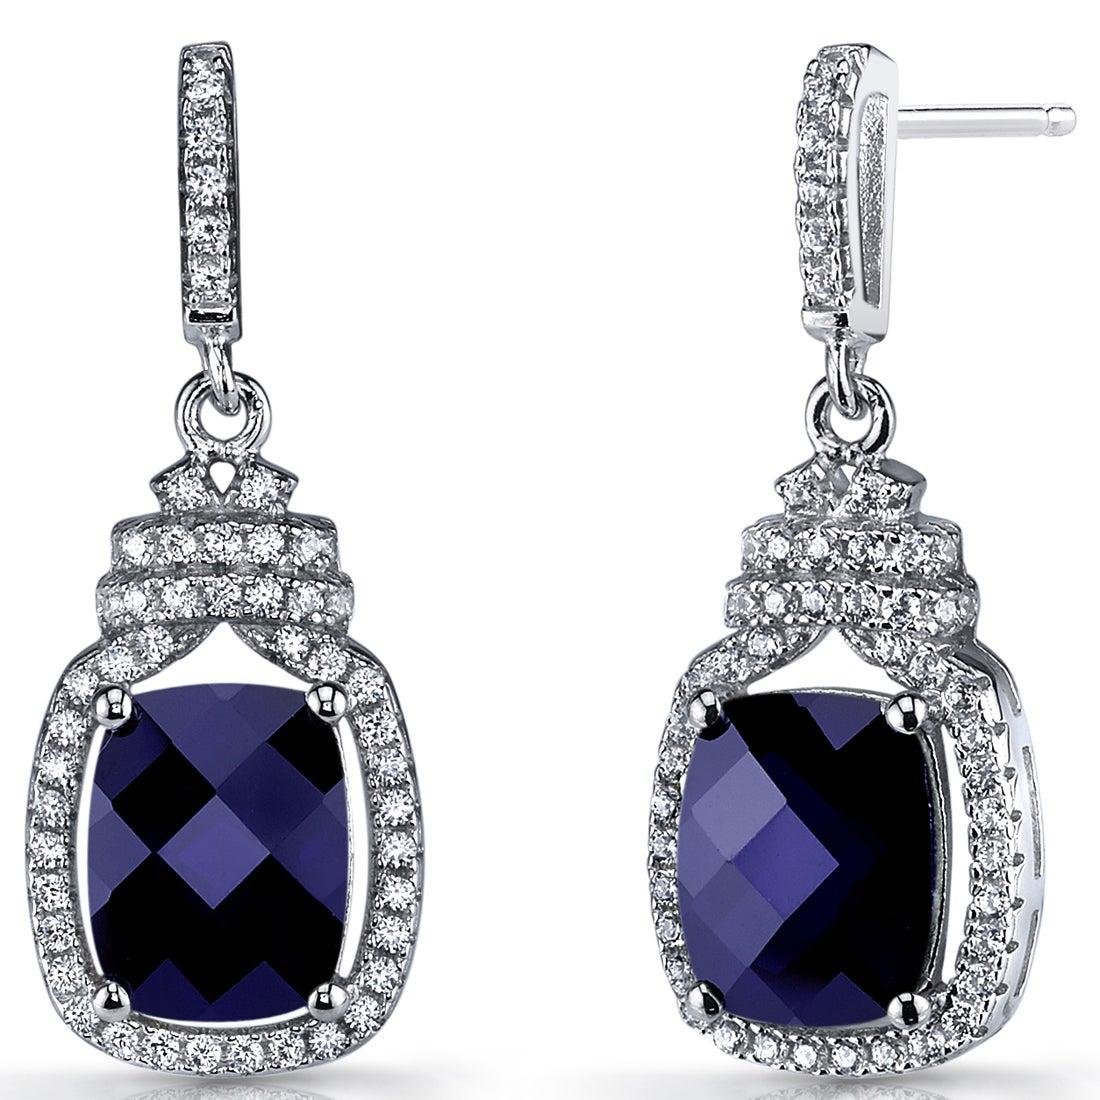 Teardrop Halo White Sapphire Dangle Drop Stud Earrings 925 Sterling Silver